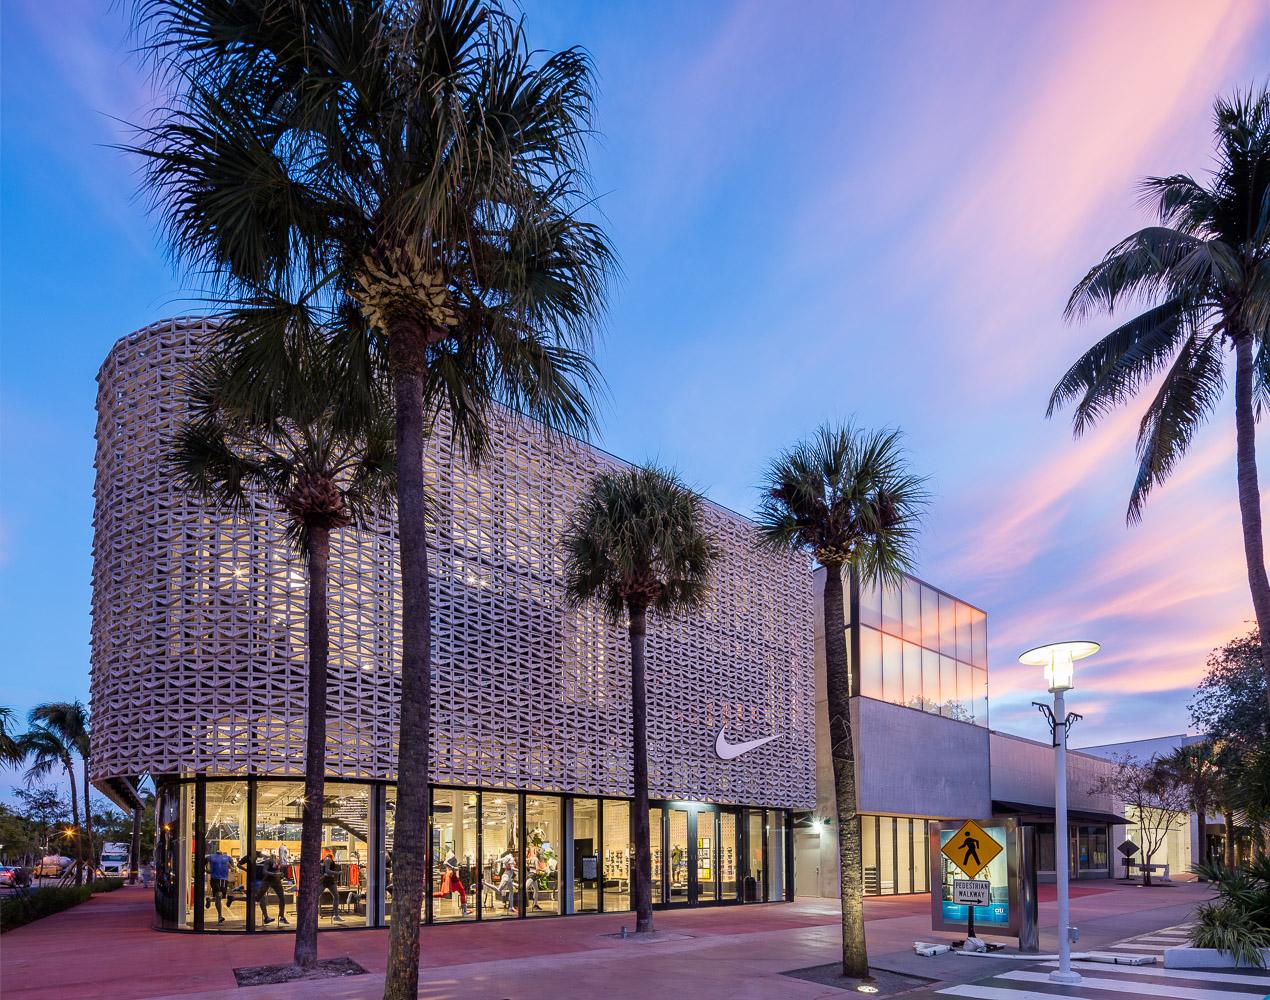 迈阿密的耐克旗舰店项目UHPC亚搏app下载官方网站